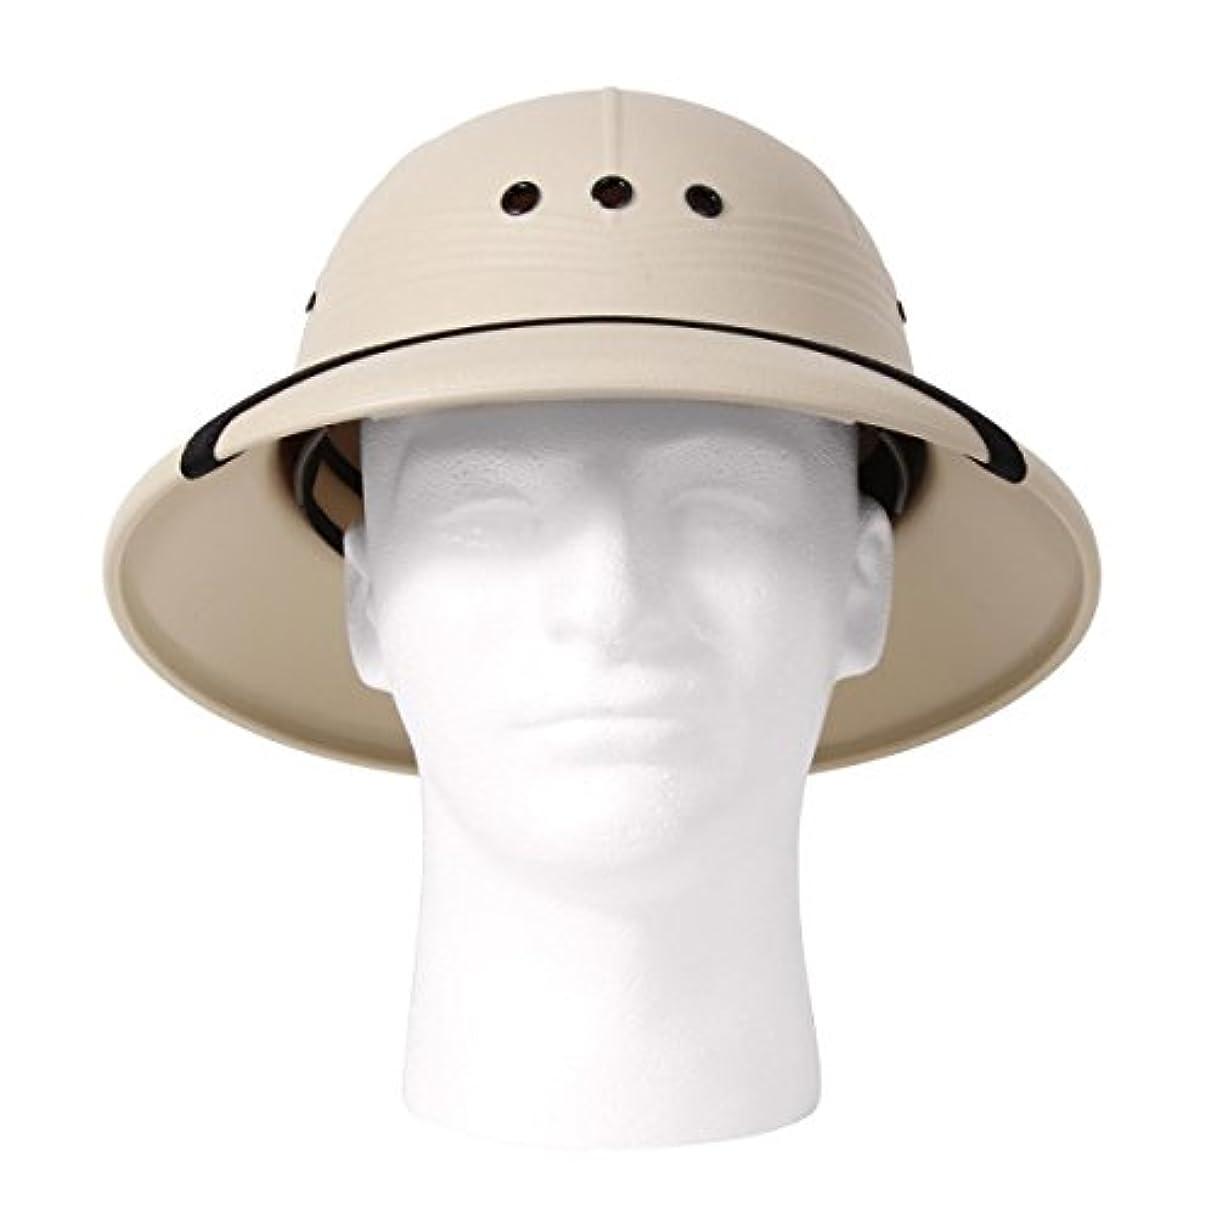 好奇心苗開発する(ロスコ) ROTHCO ピスヘルメット Pith Helmets 〔5670〕 (オリーブ)